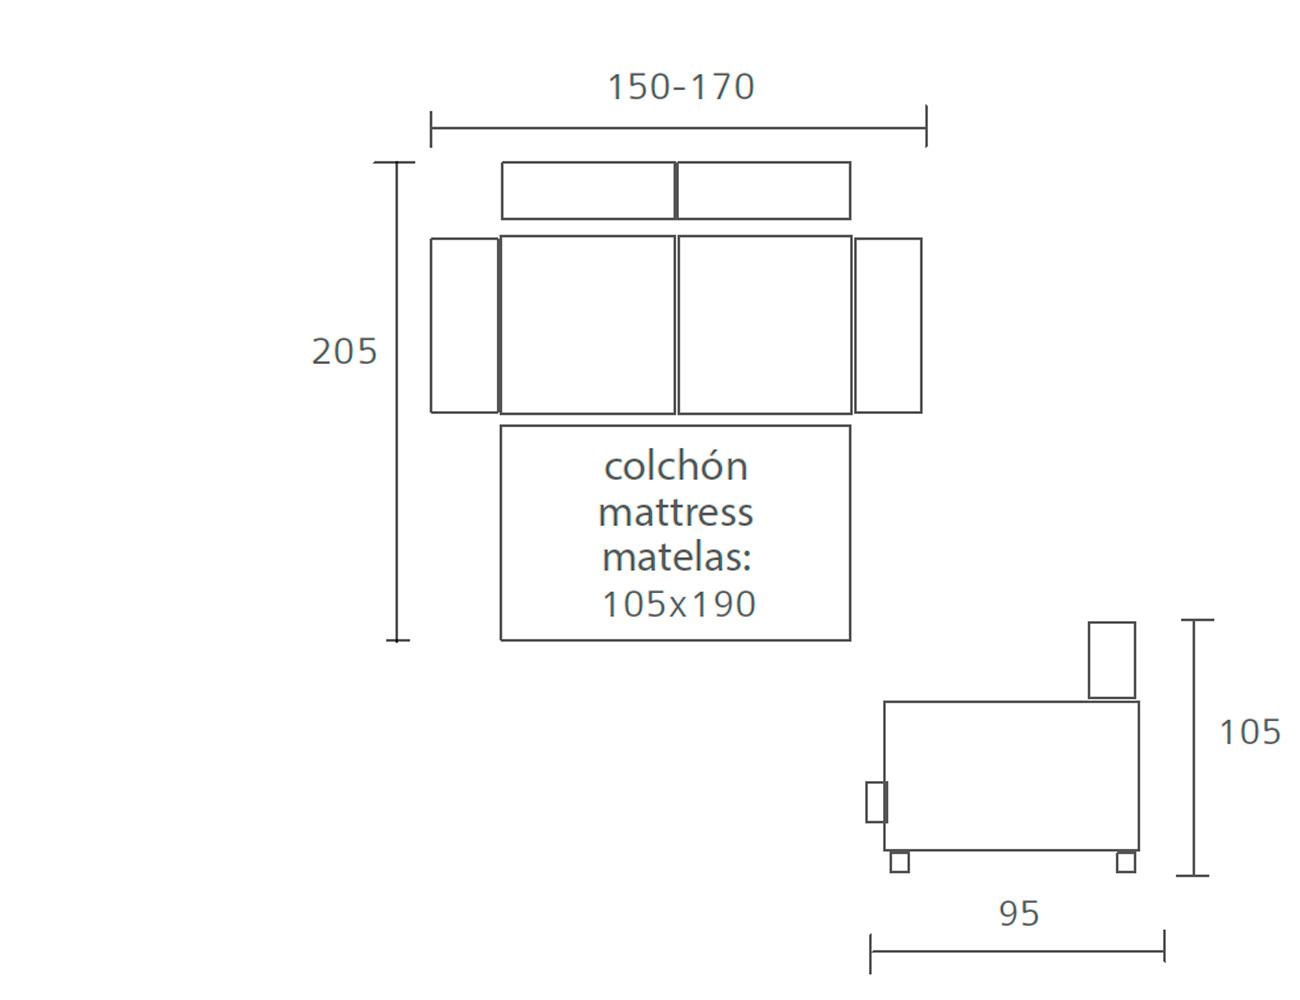 Sofa cama pedro ortiz 150 1702